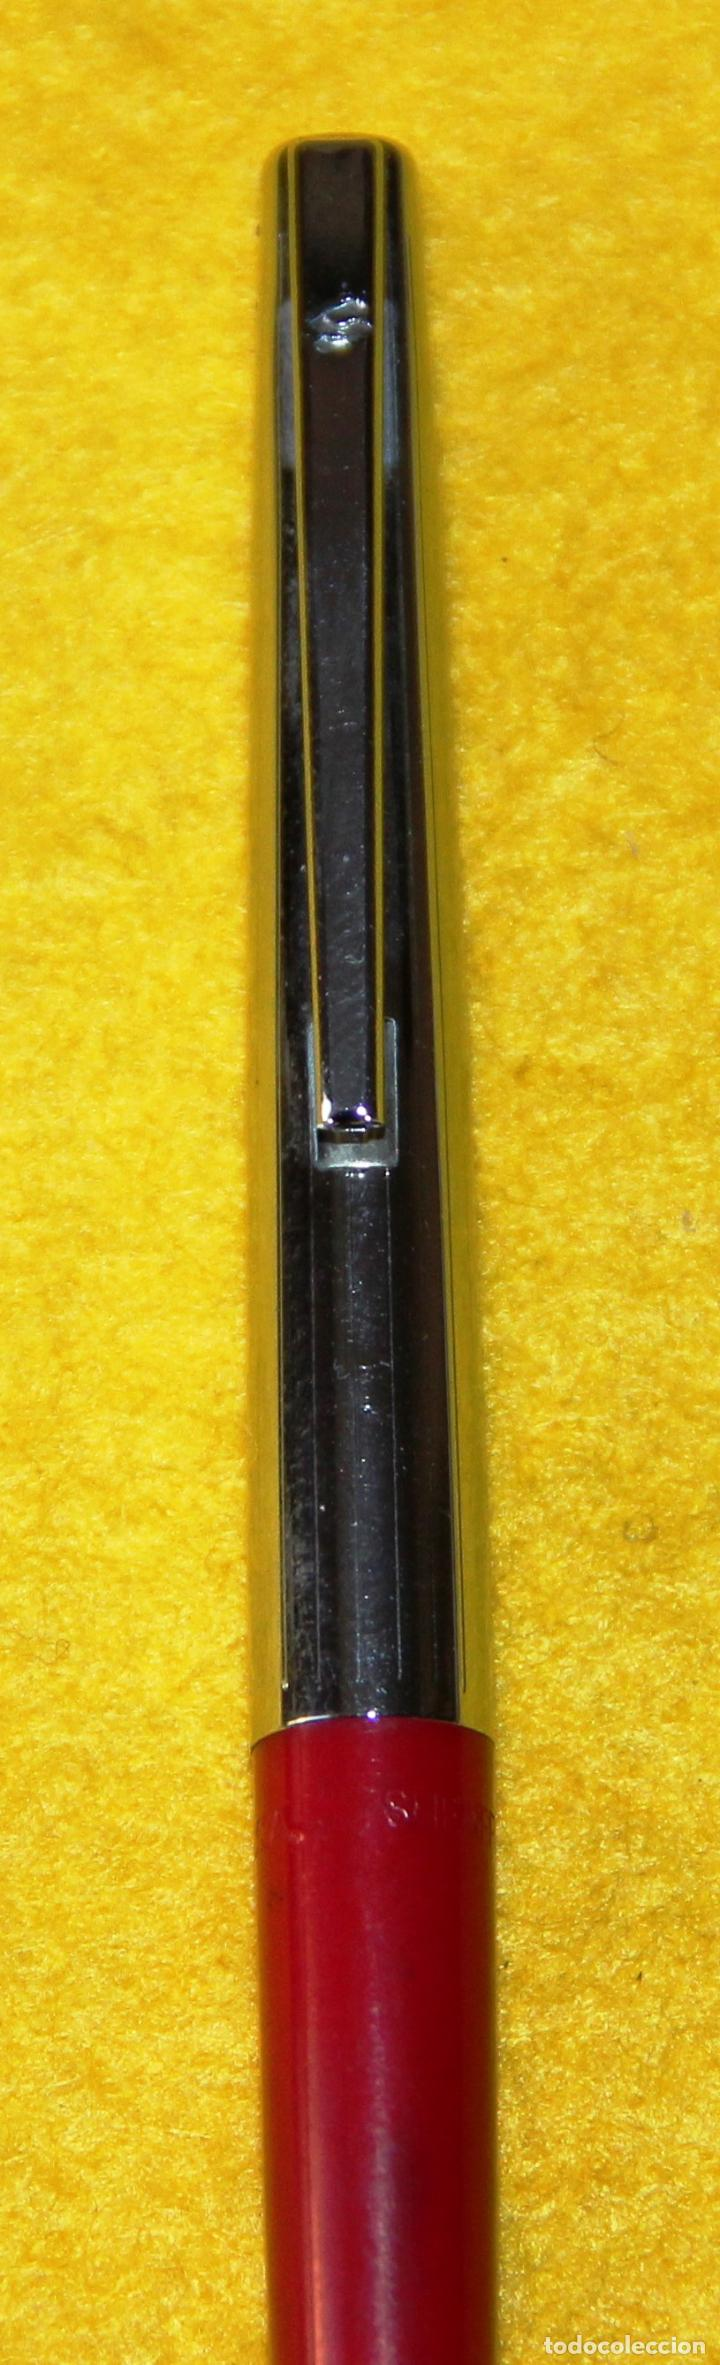 Bolígrafos antiguos: BOLIGRAFO SHEAFFER - Foto 3 - 109196387